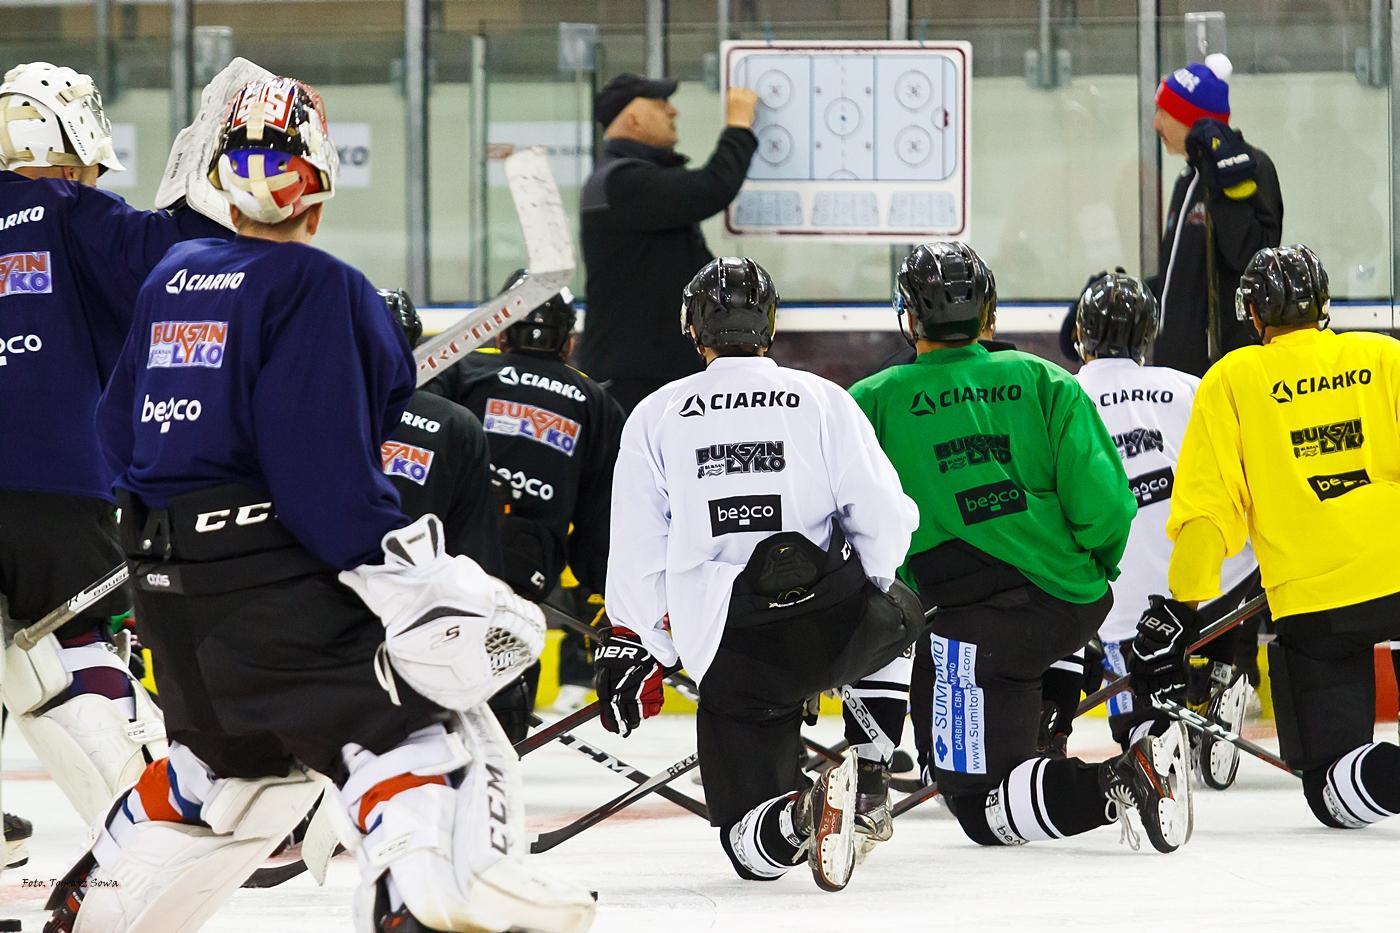 Pierwszy trening drużyny Ciarko STS Sanok na lodzie [FOTORELACJA] - Zdjęcie główne